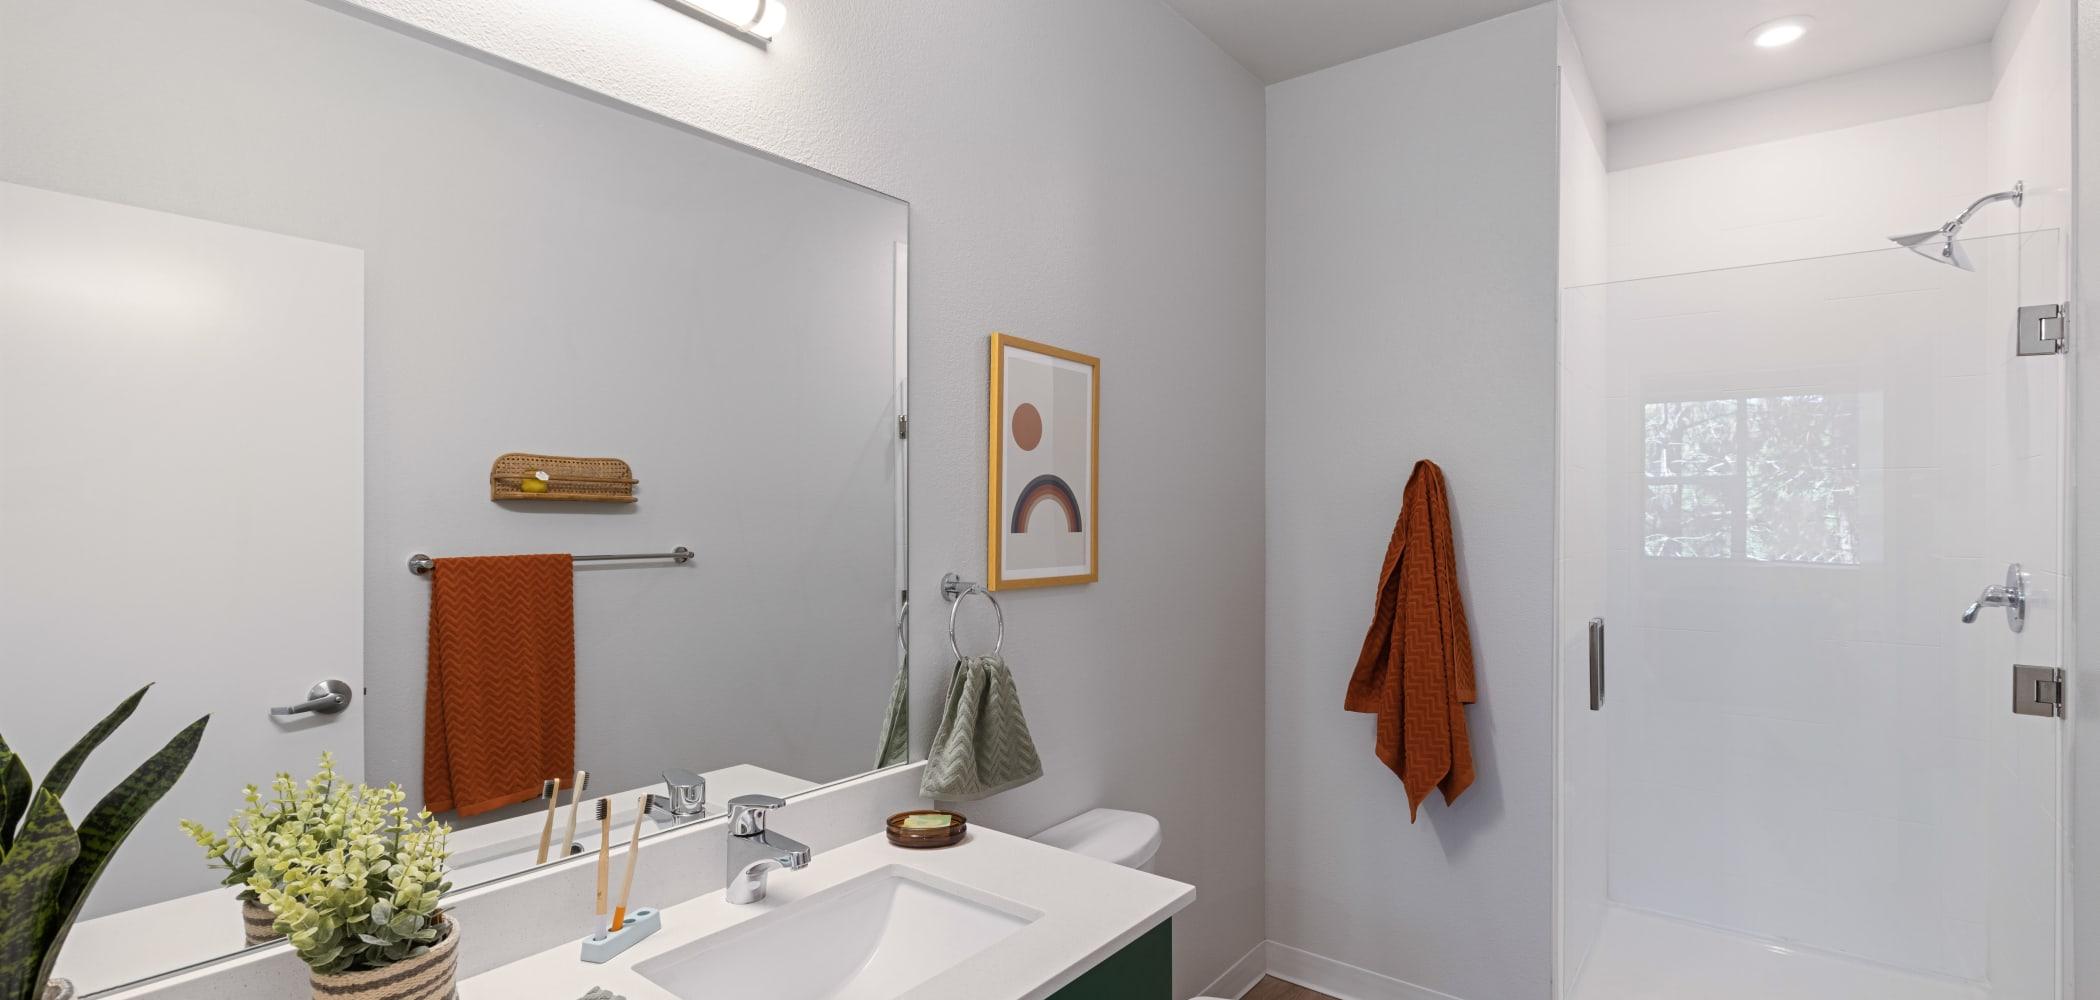 Clean bathroom at UNCOMMON Reno in Reno, Nevada